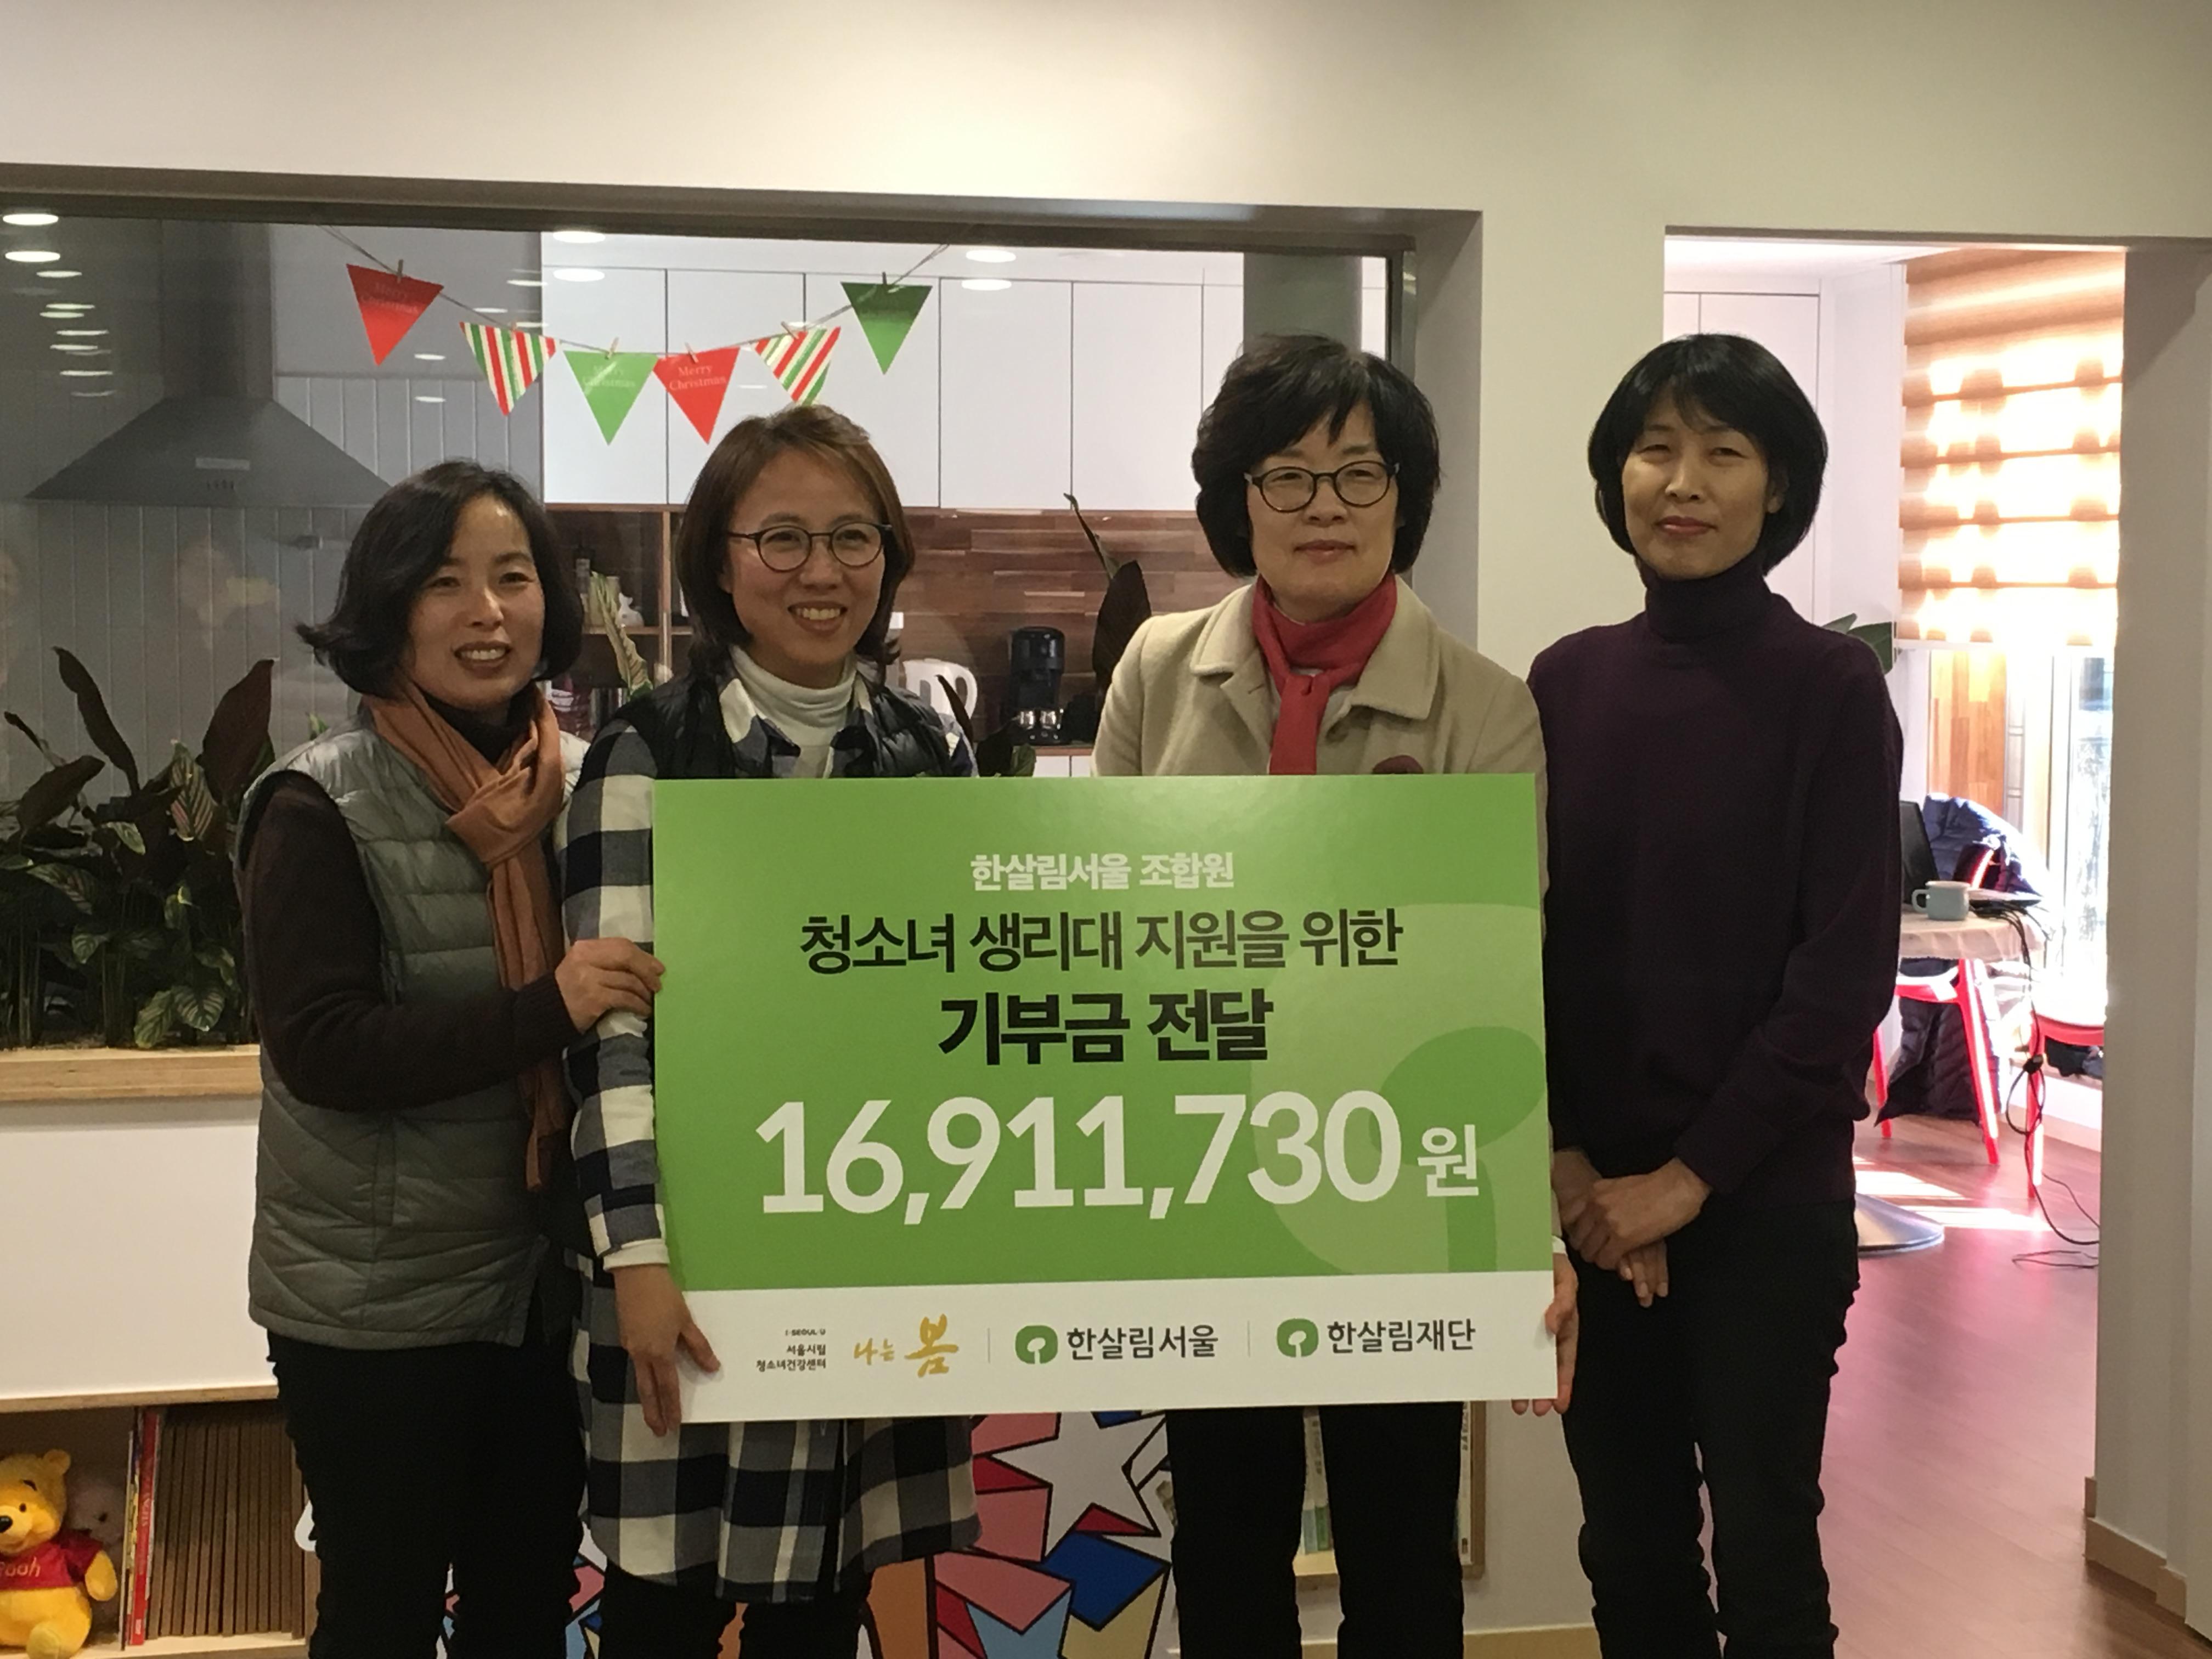 한살림 서울 조합원의 생리대 후원소식